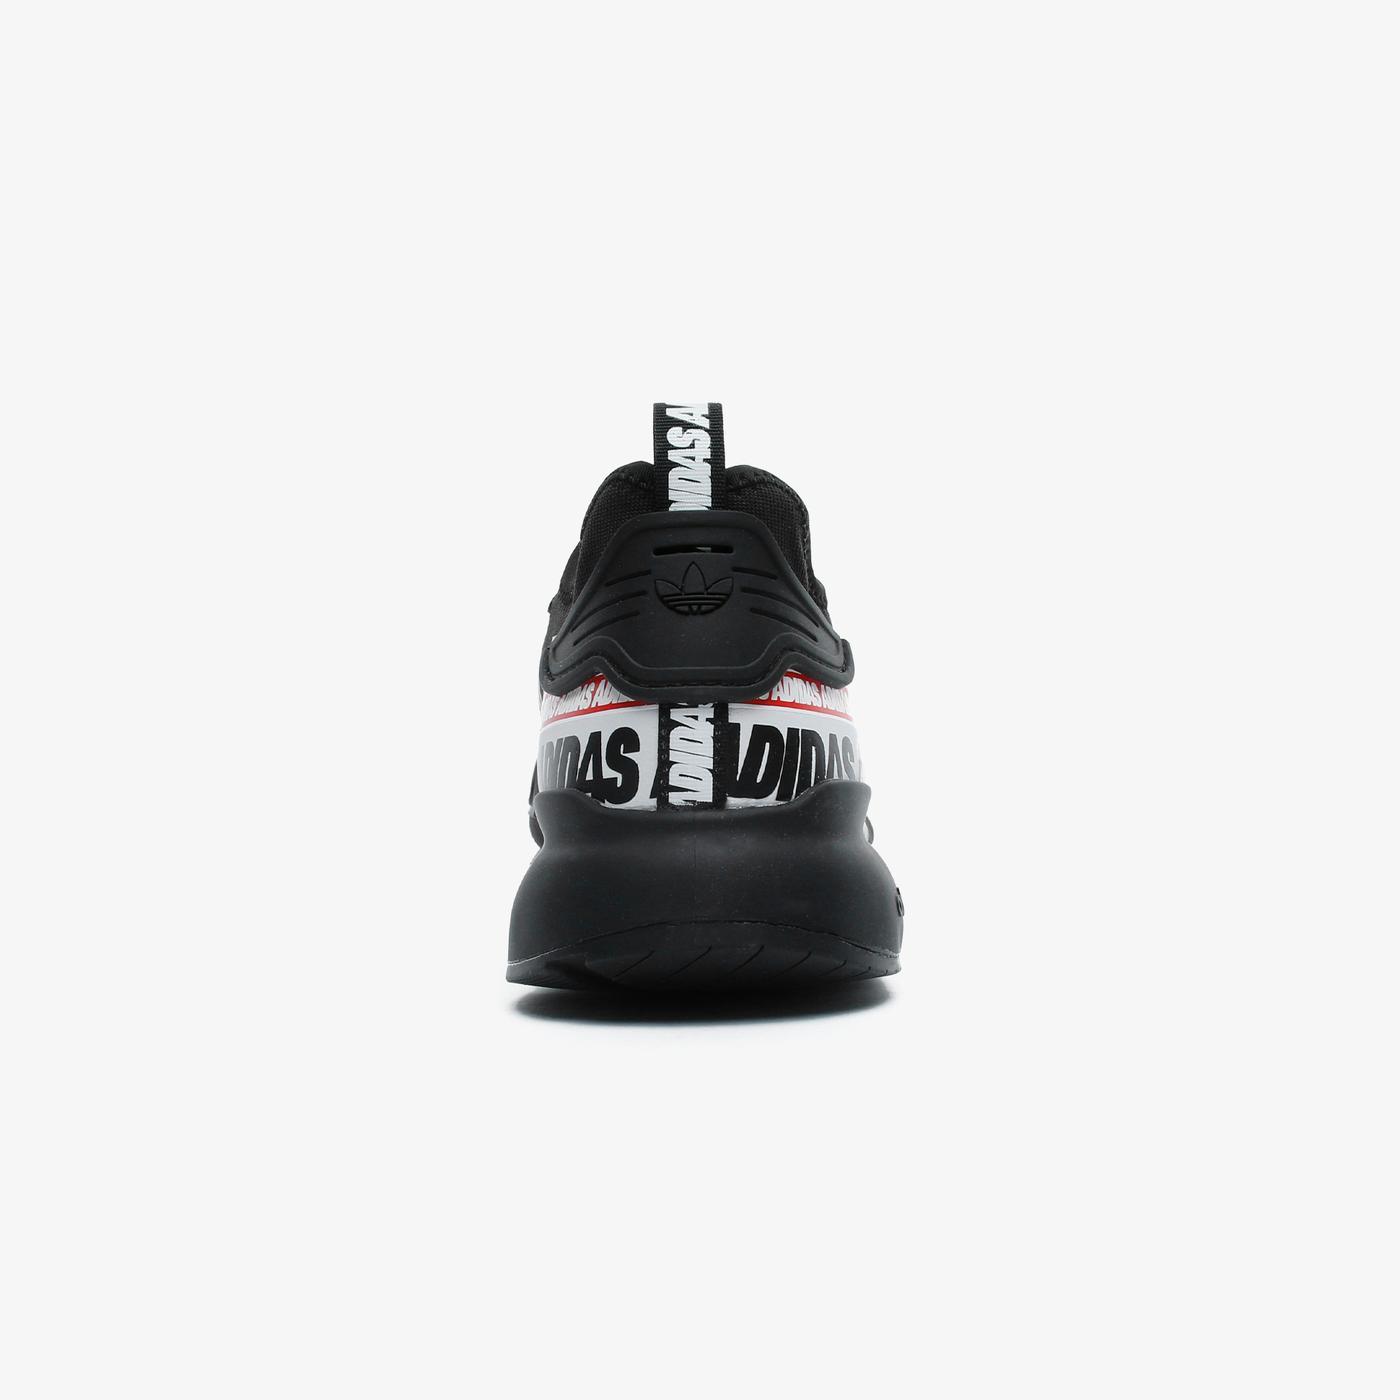 adidas ZX 2K Boost Erkek Siyah Spor Ayakkabı